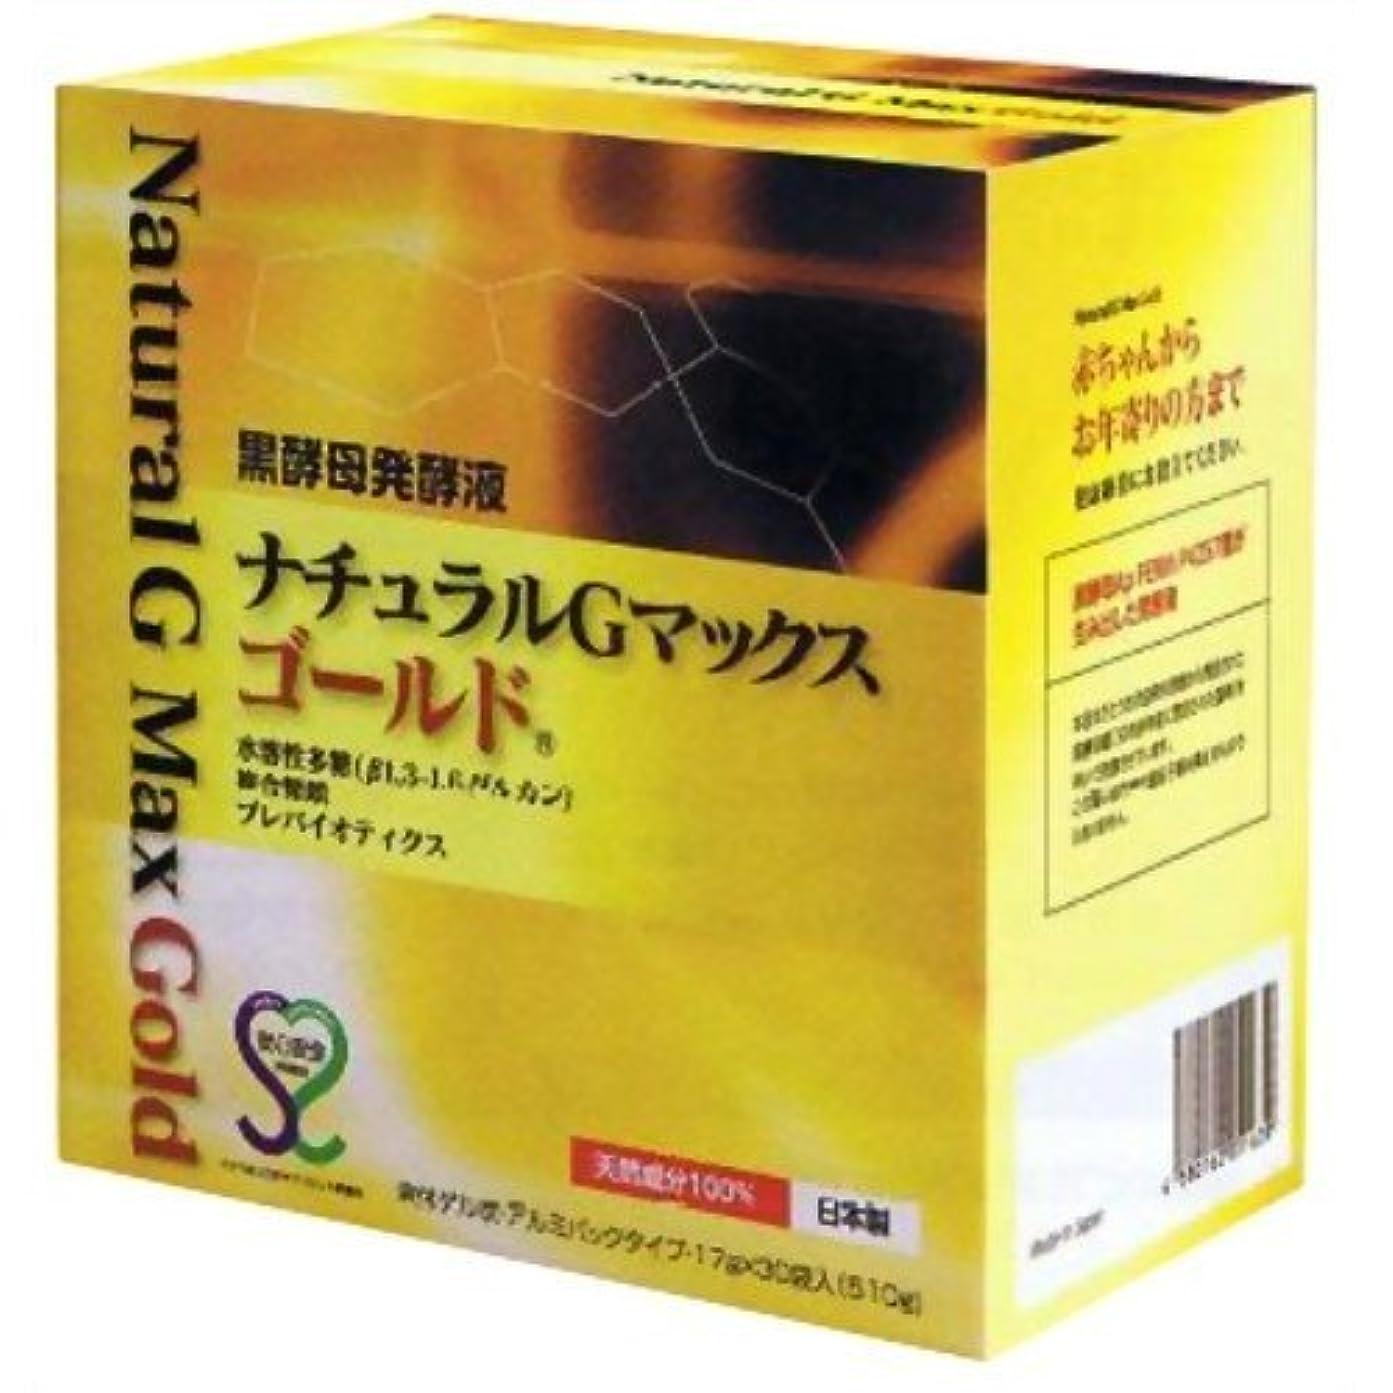 ケーブルカー侵入マッシュ黒酵母発酵液 ナチュラルGマックスゴールド 17g×30袋